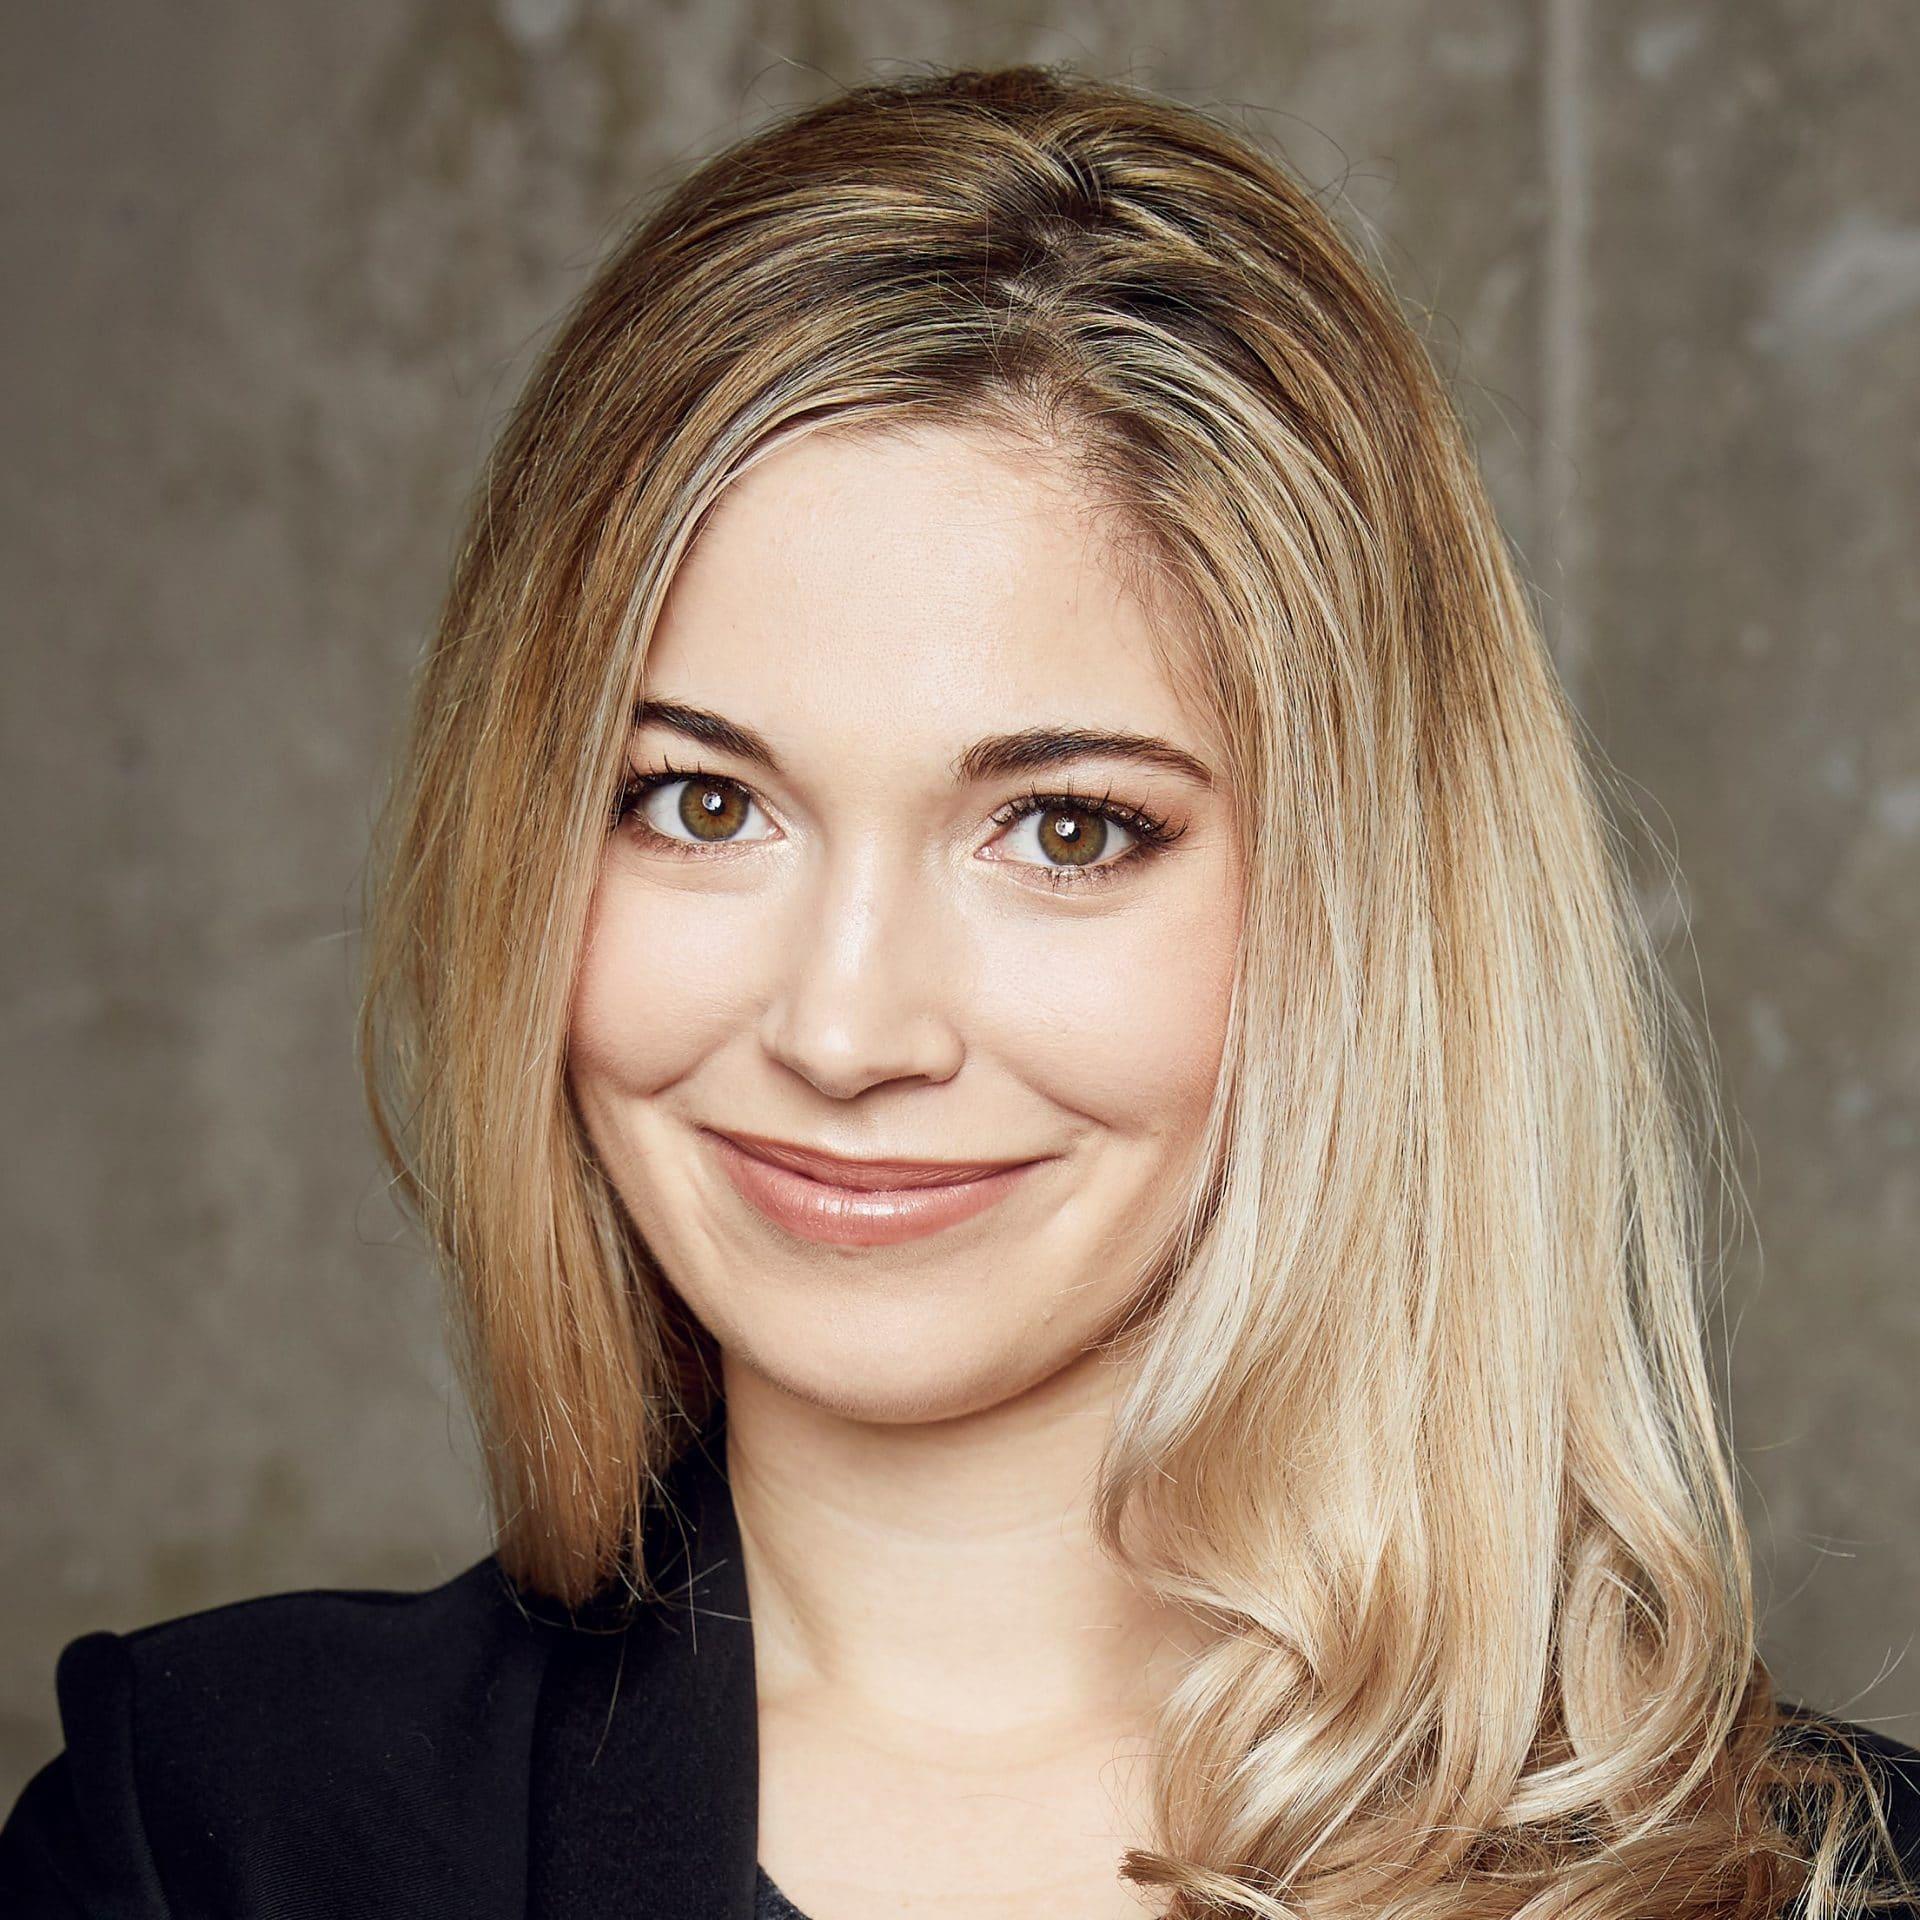 julia-shaw-keynote-speaker